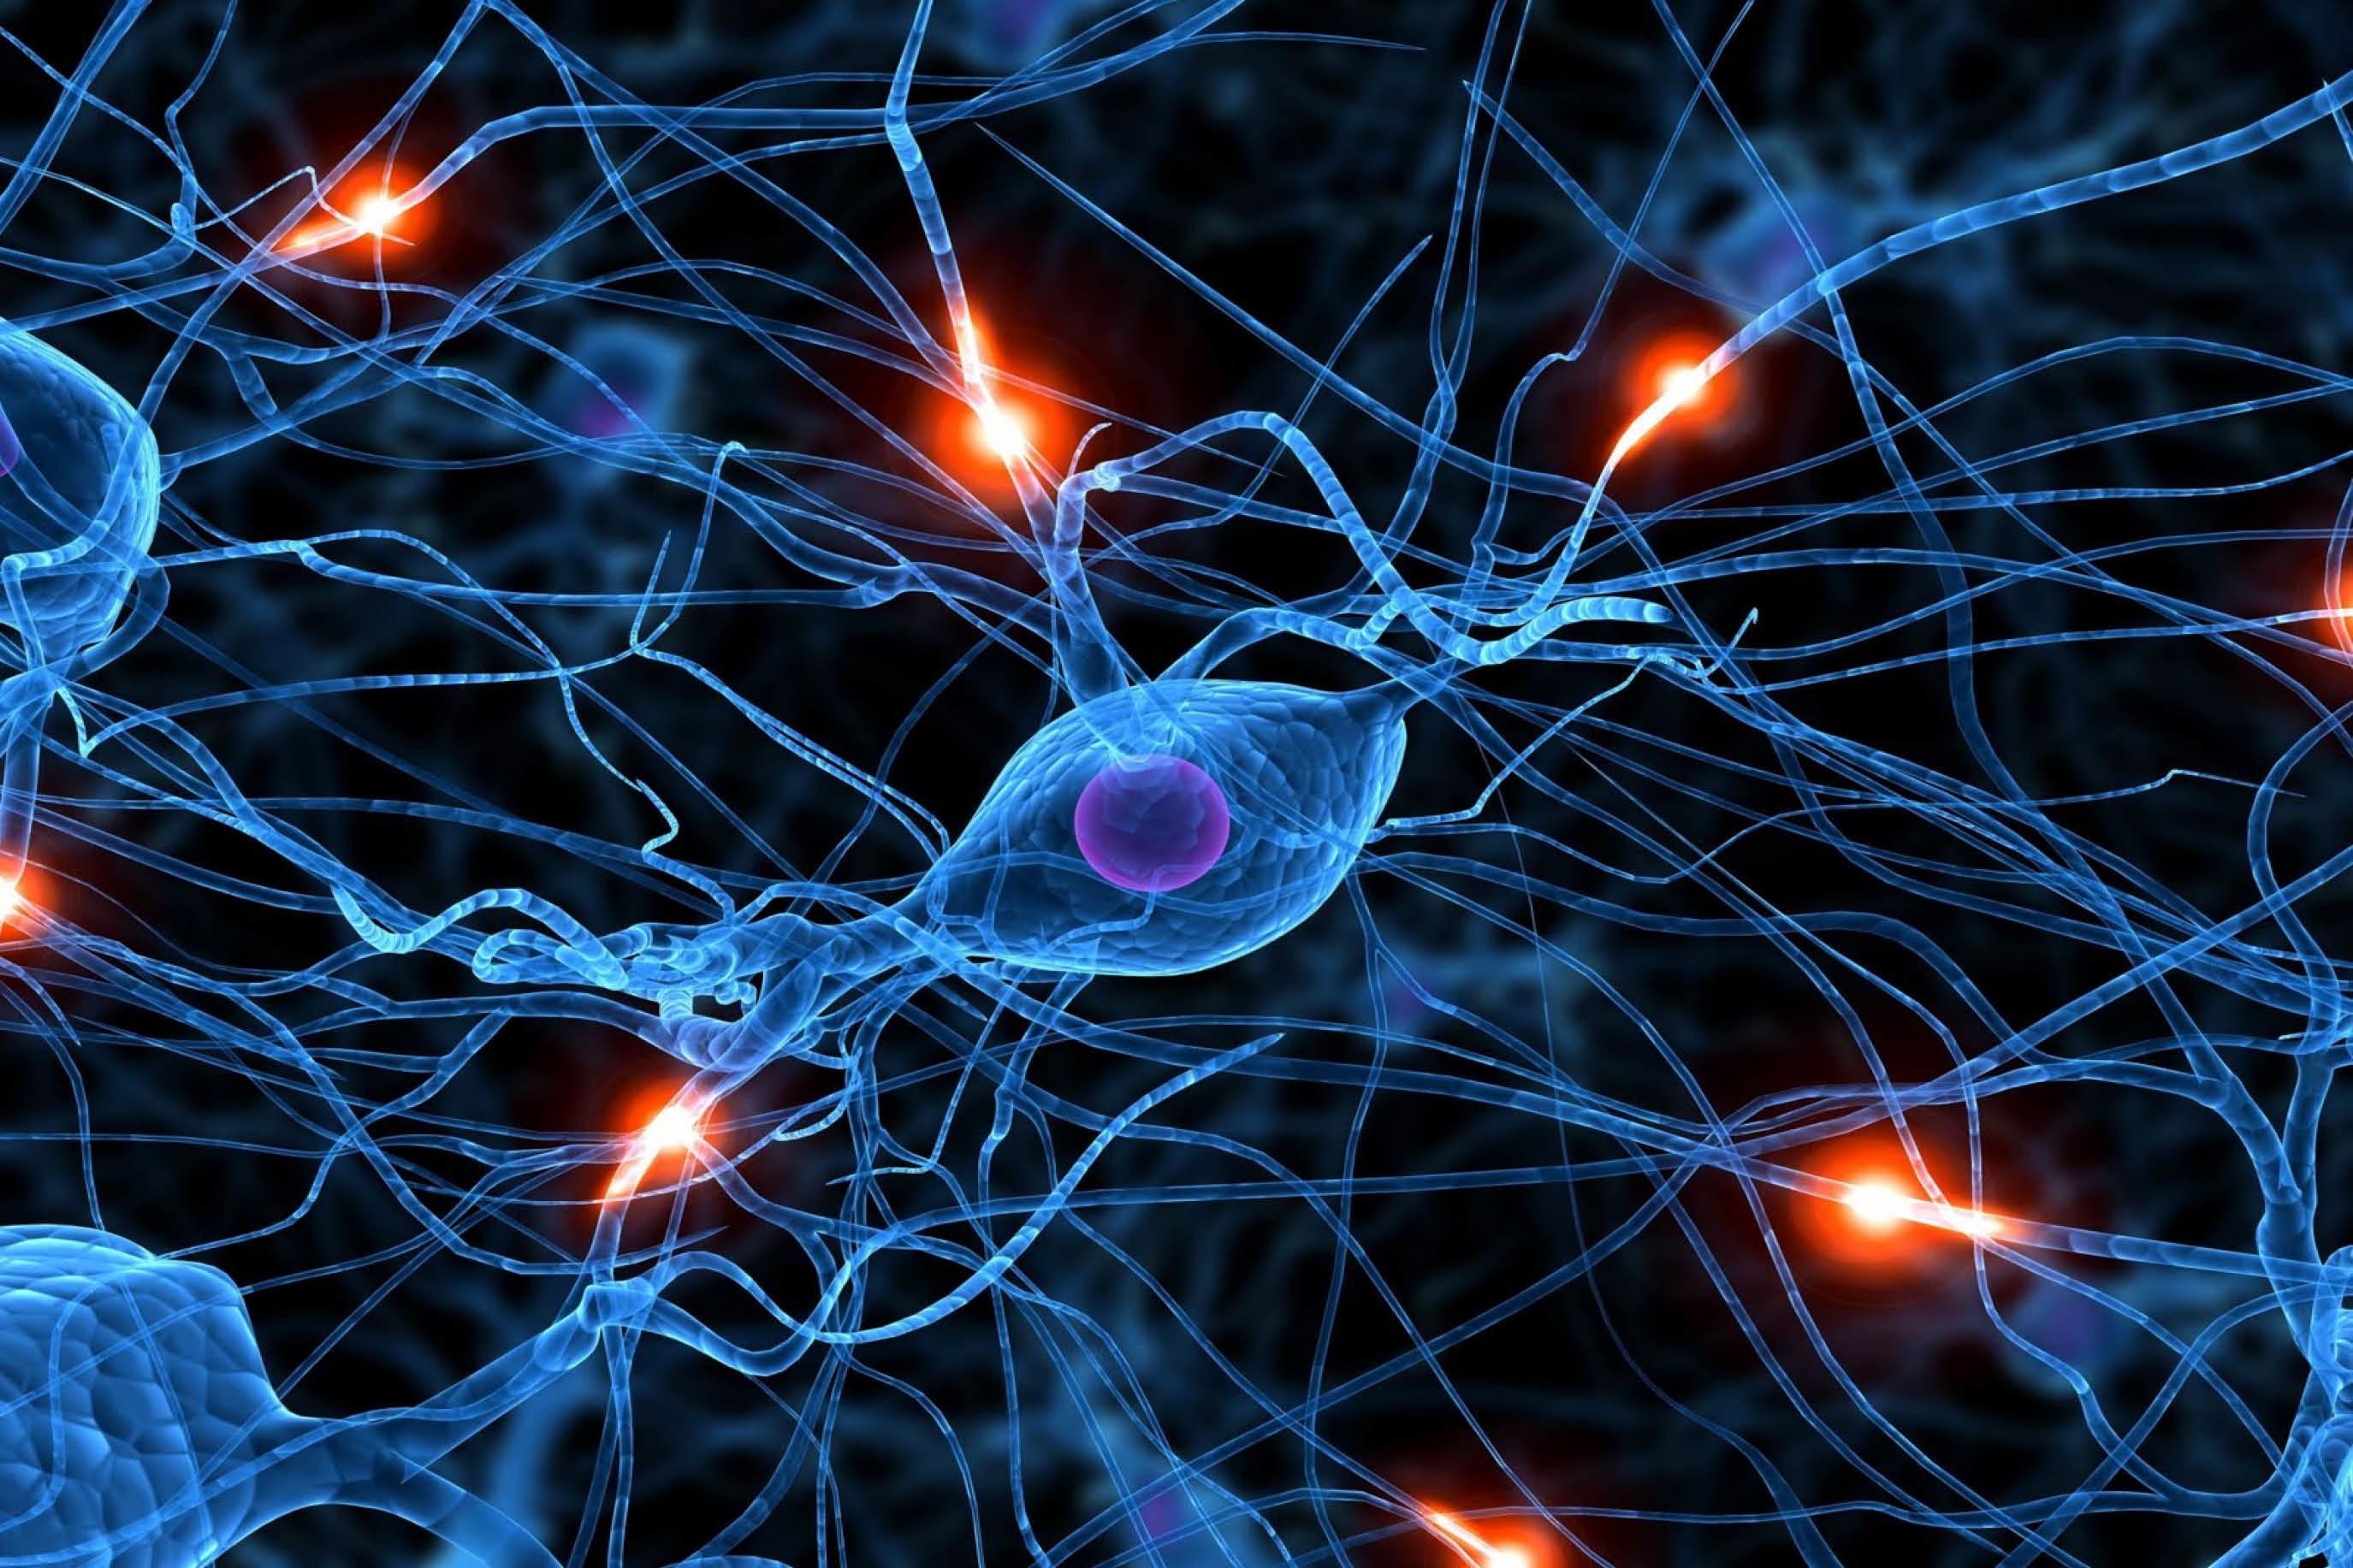 Imagem de Chip neuromórfico que se aproxima do cérebro humano é revelado pela Intel no tecmundo